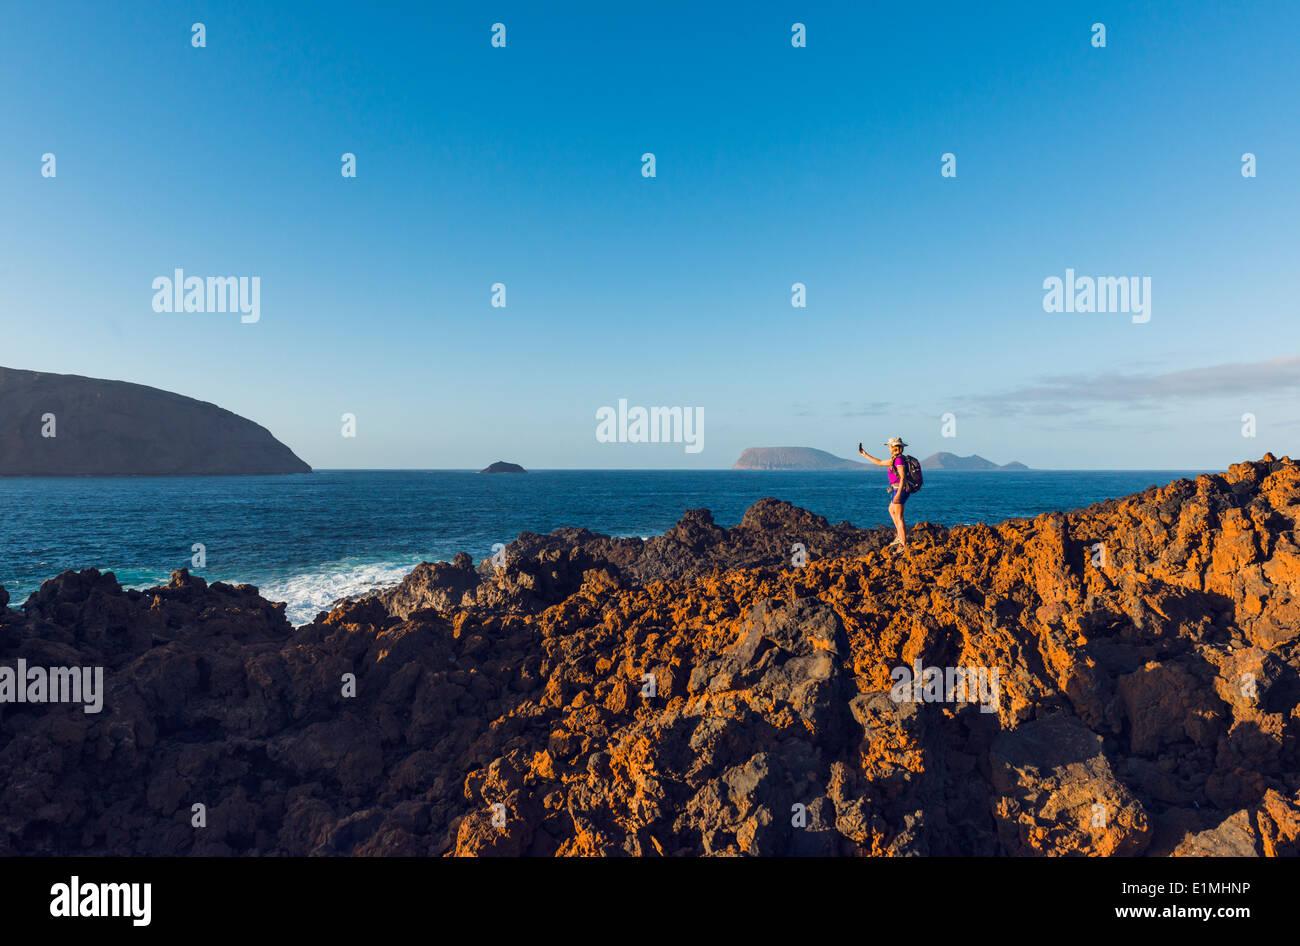 Frau, Wandern auf der Insel La Graciosa, Lanzarote, Kanarische Inseln, Lanzarote, Spanien, Europa. Stockbild